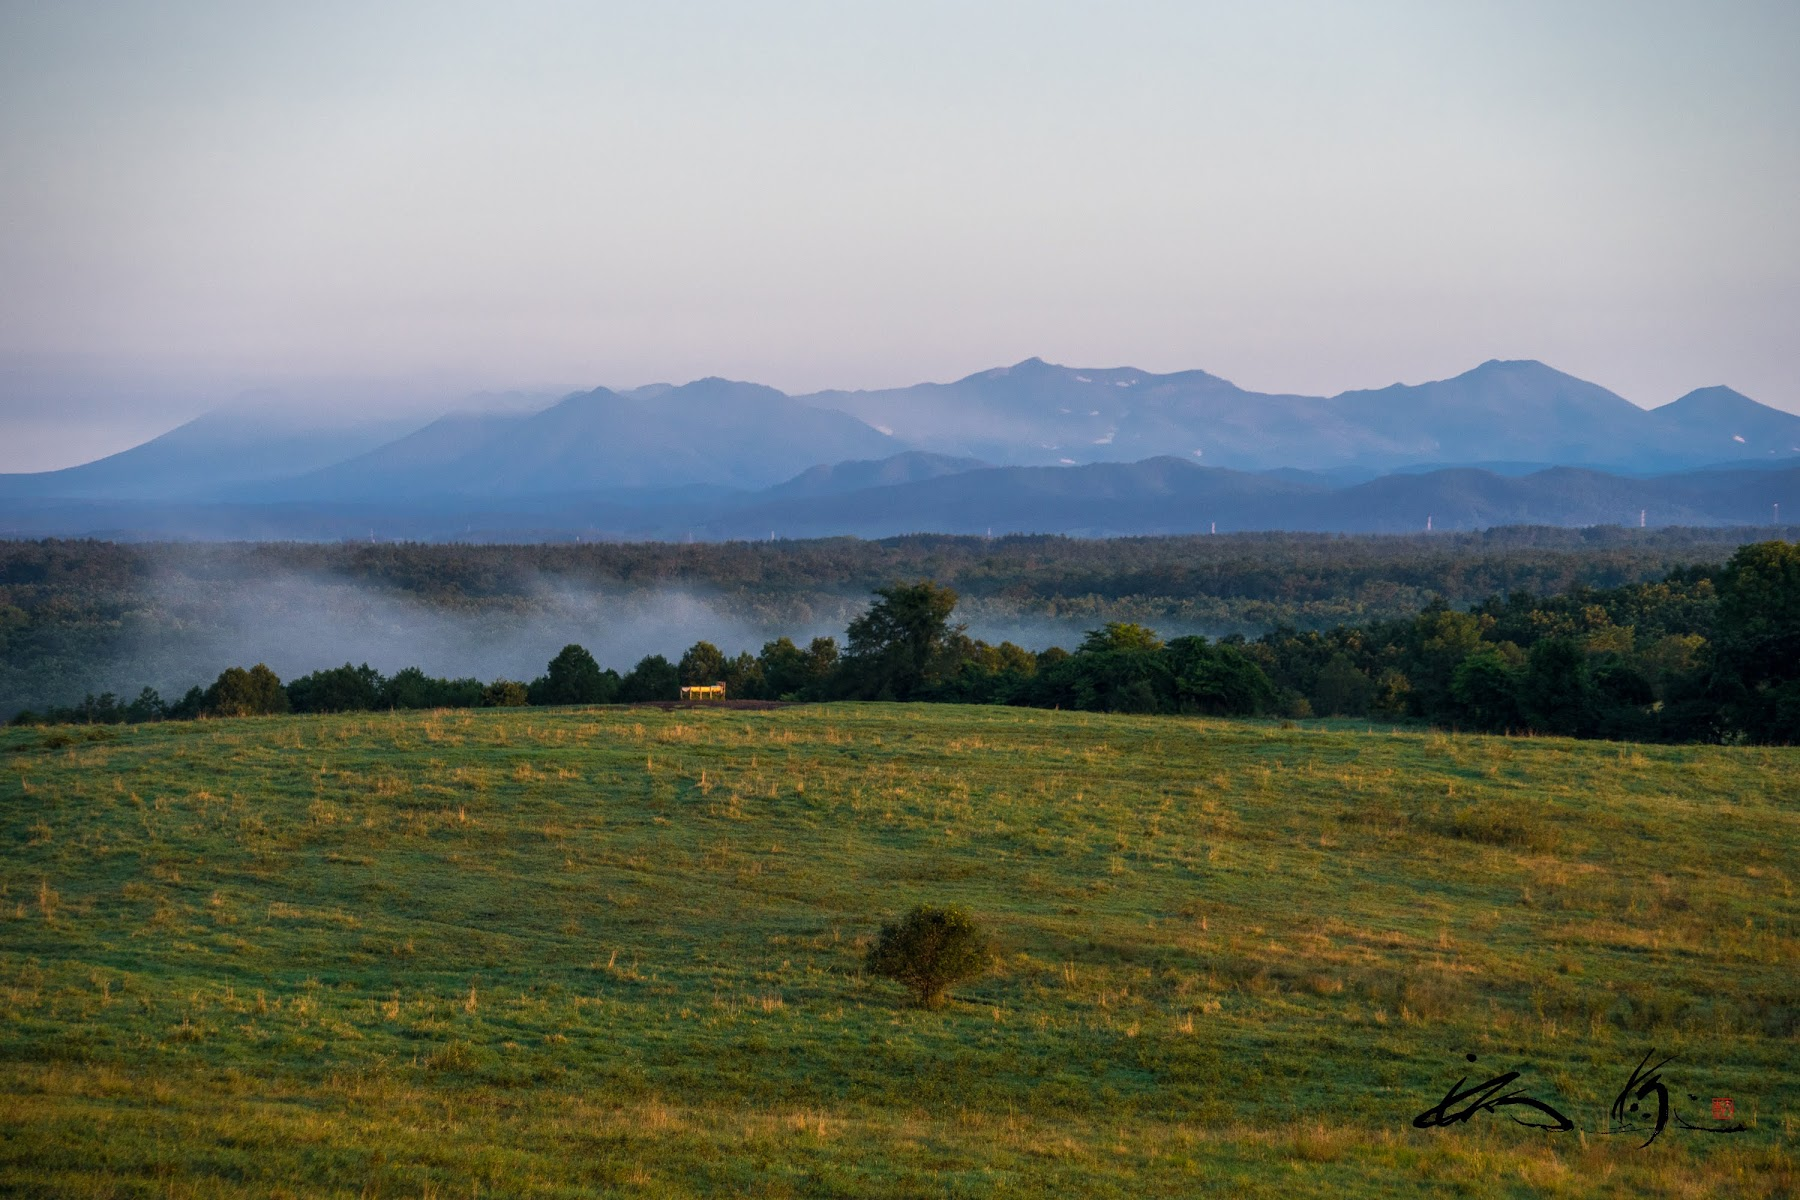 ブルーマウンテンズのような青い山脈。。。